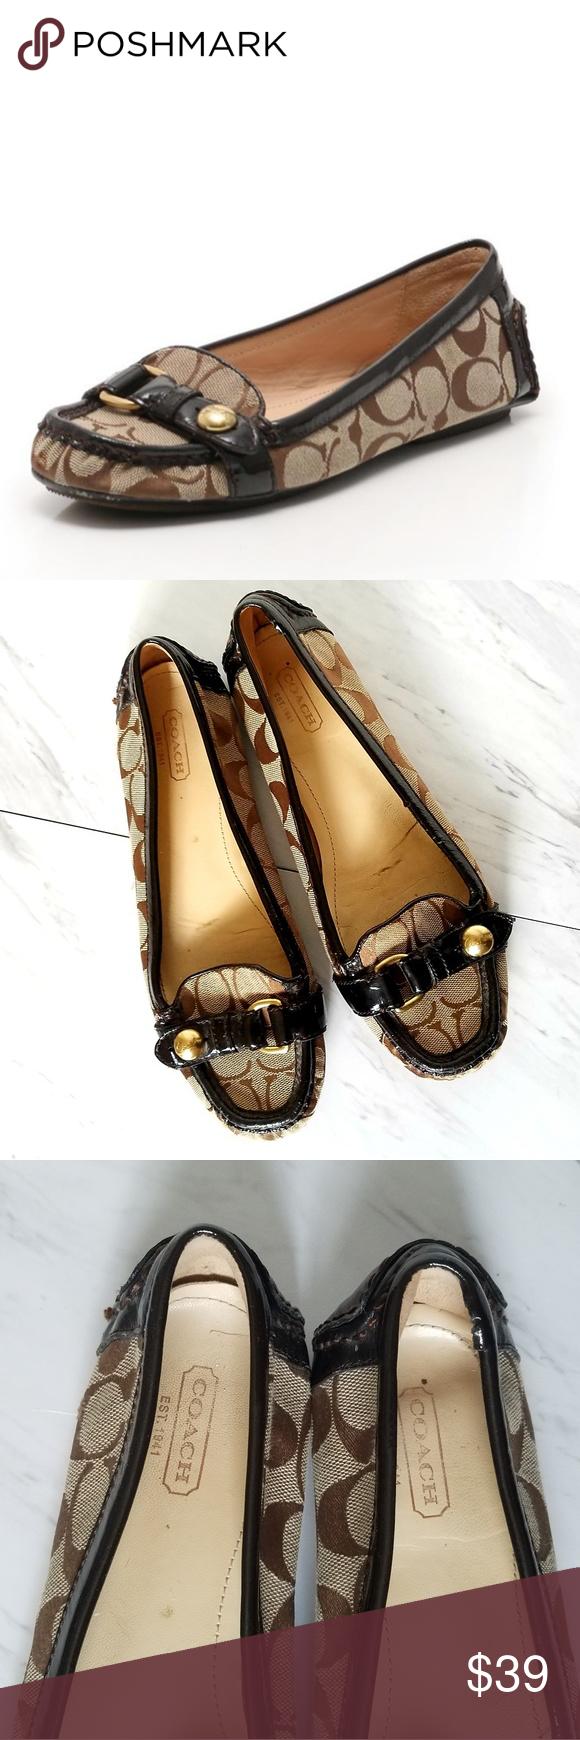 8cfe015a COACH HELLEN signature flat shoes COACH HELLEN signature ...